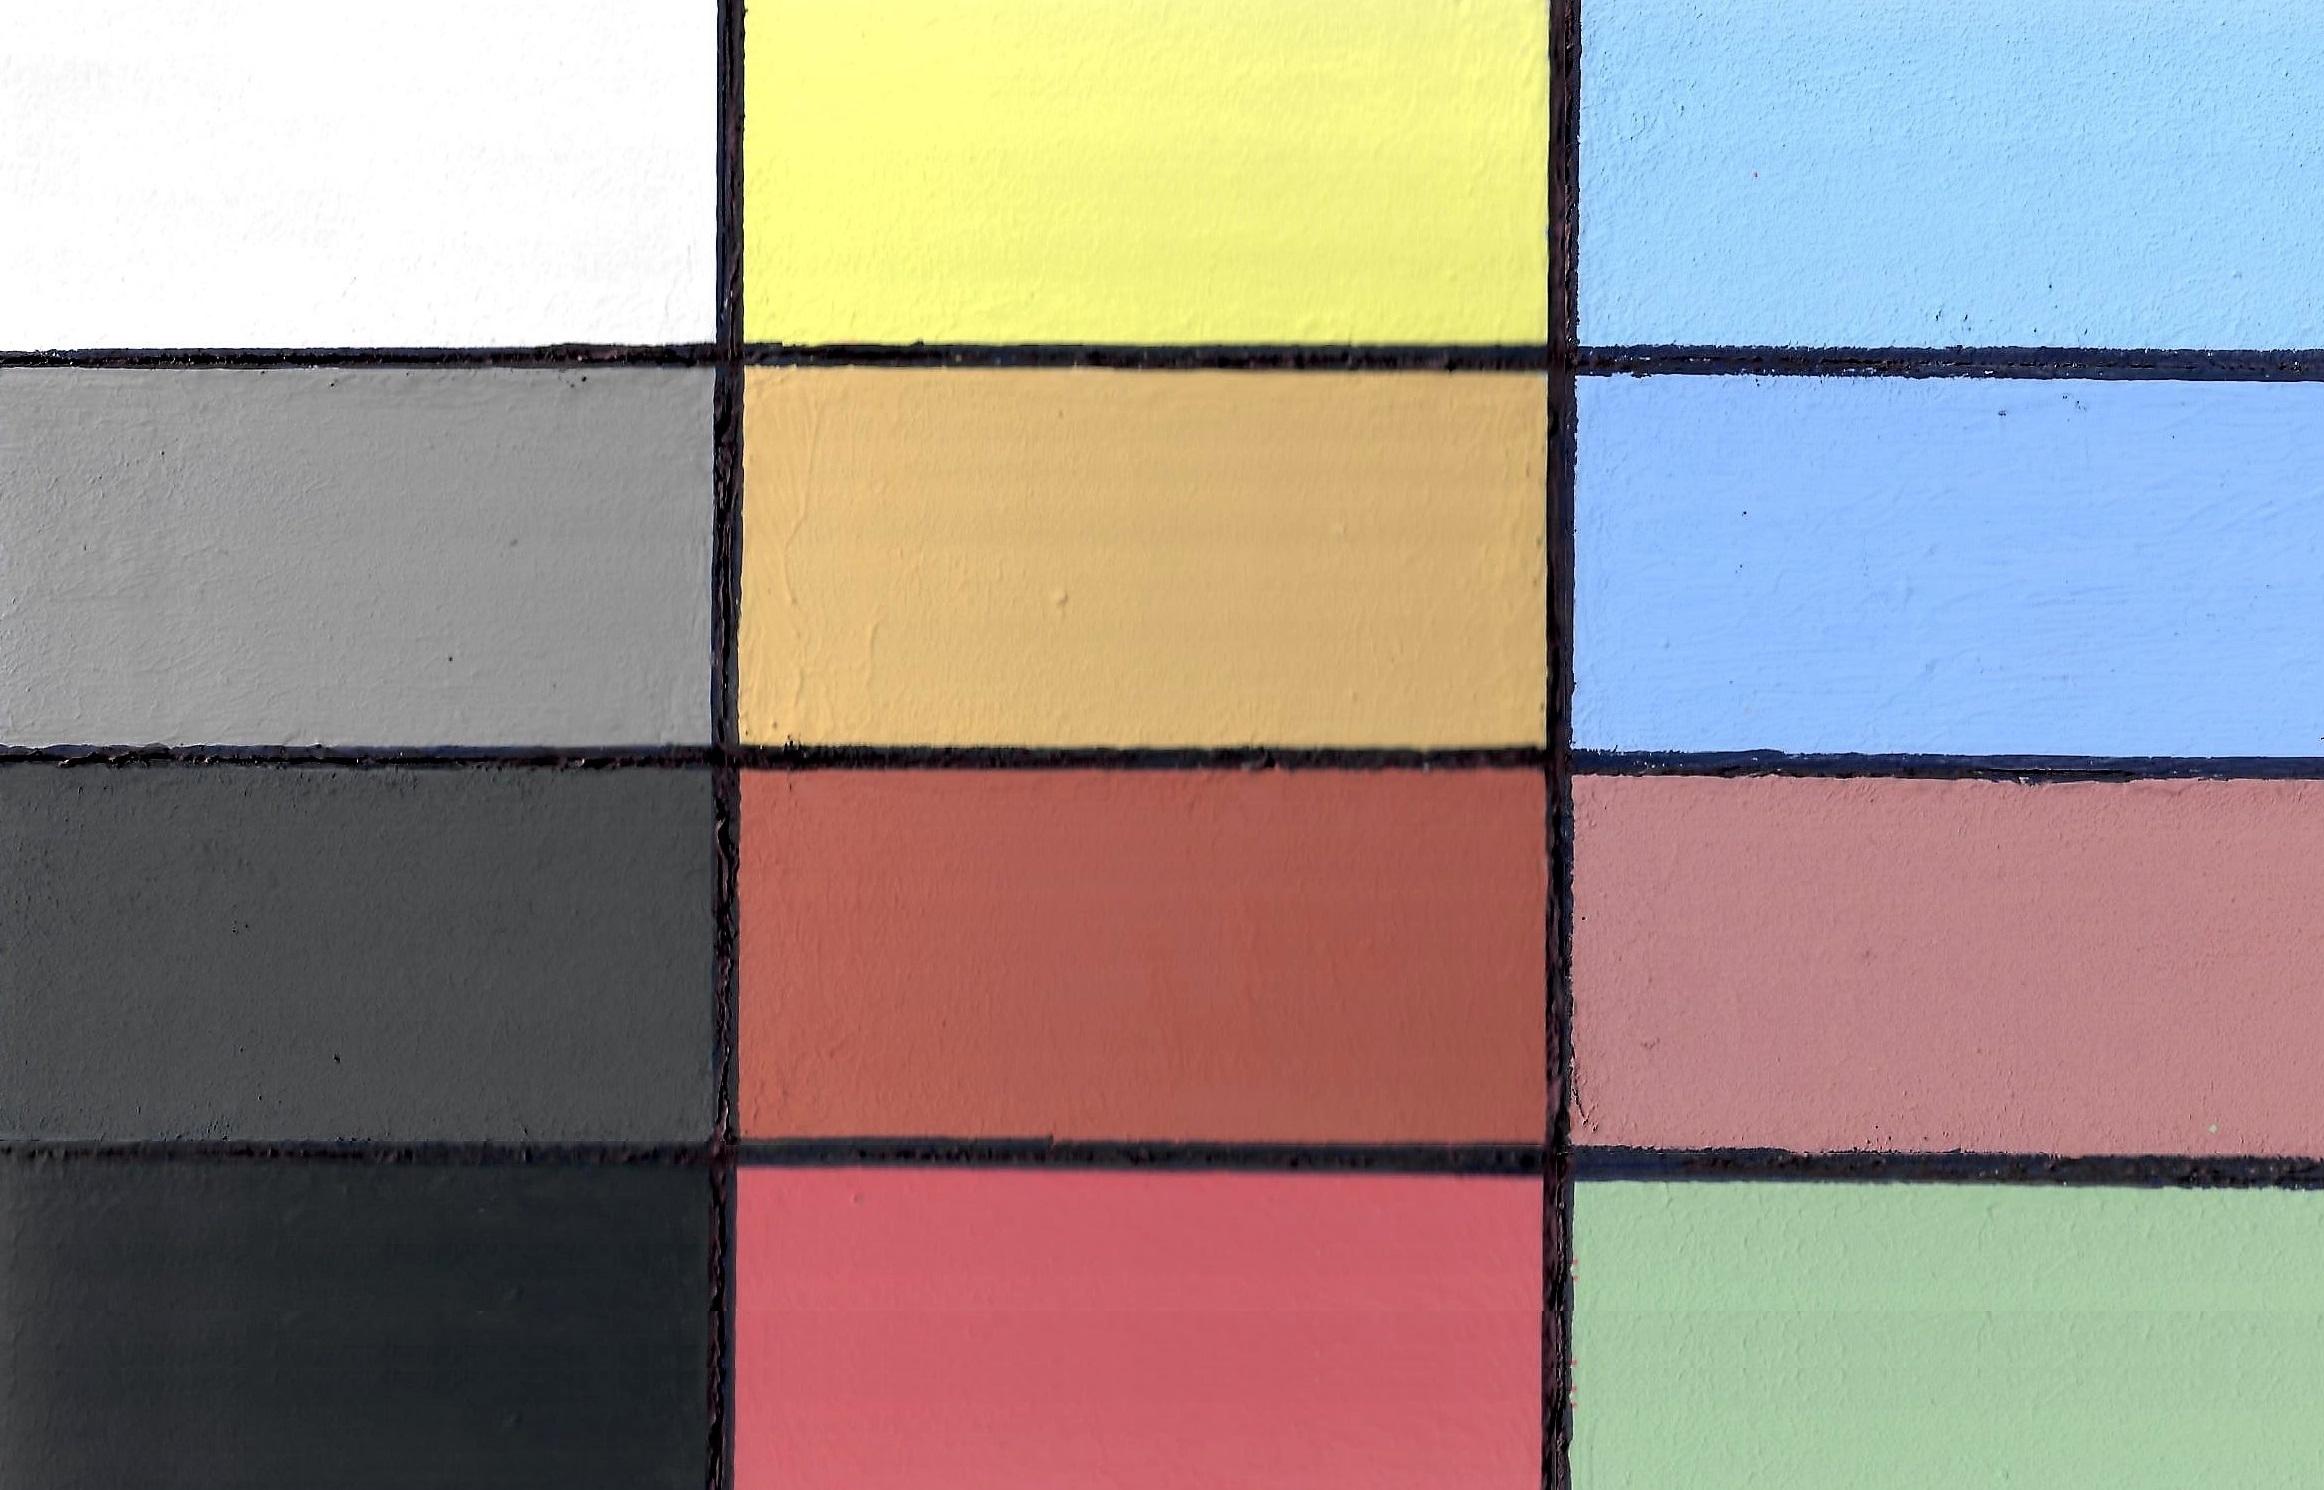 Nát u011brová barva ThermoPRIM COLOR IZOLACTIVE, a s